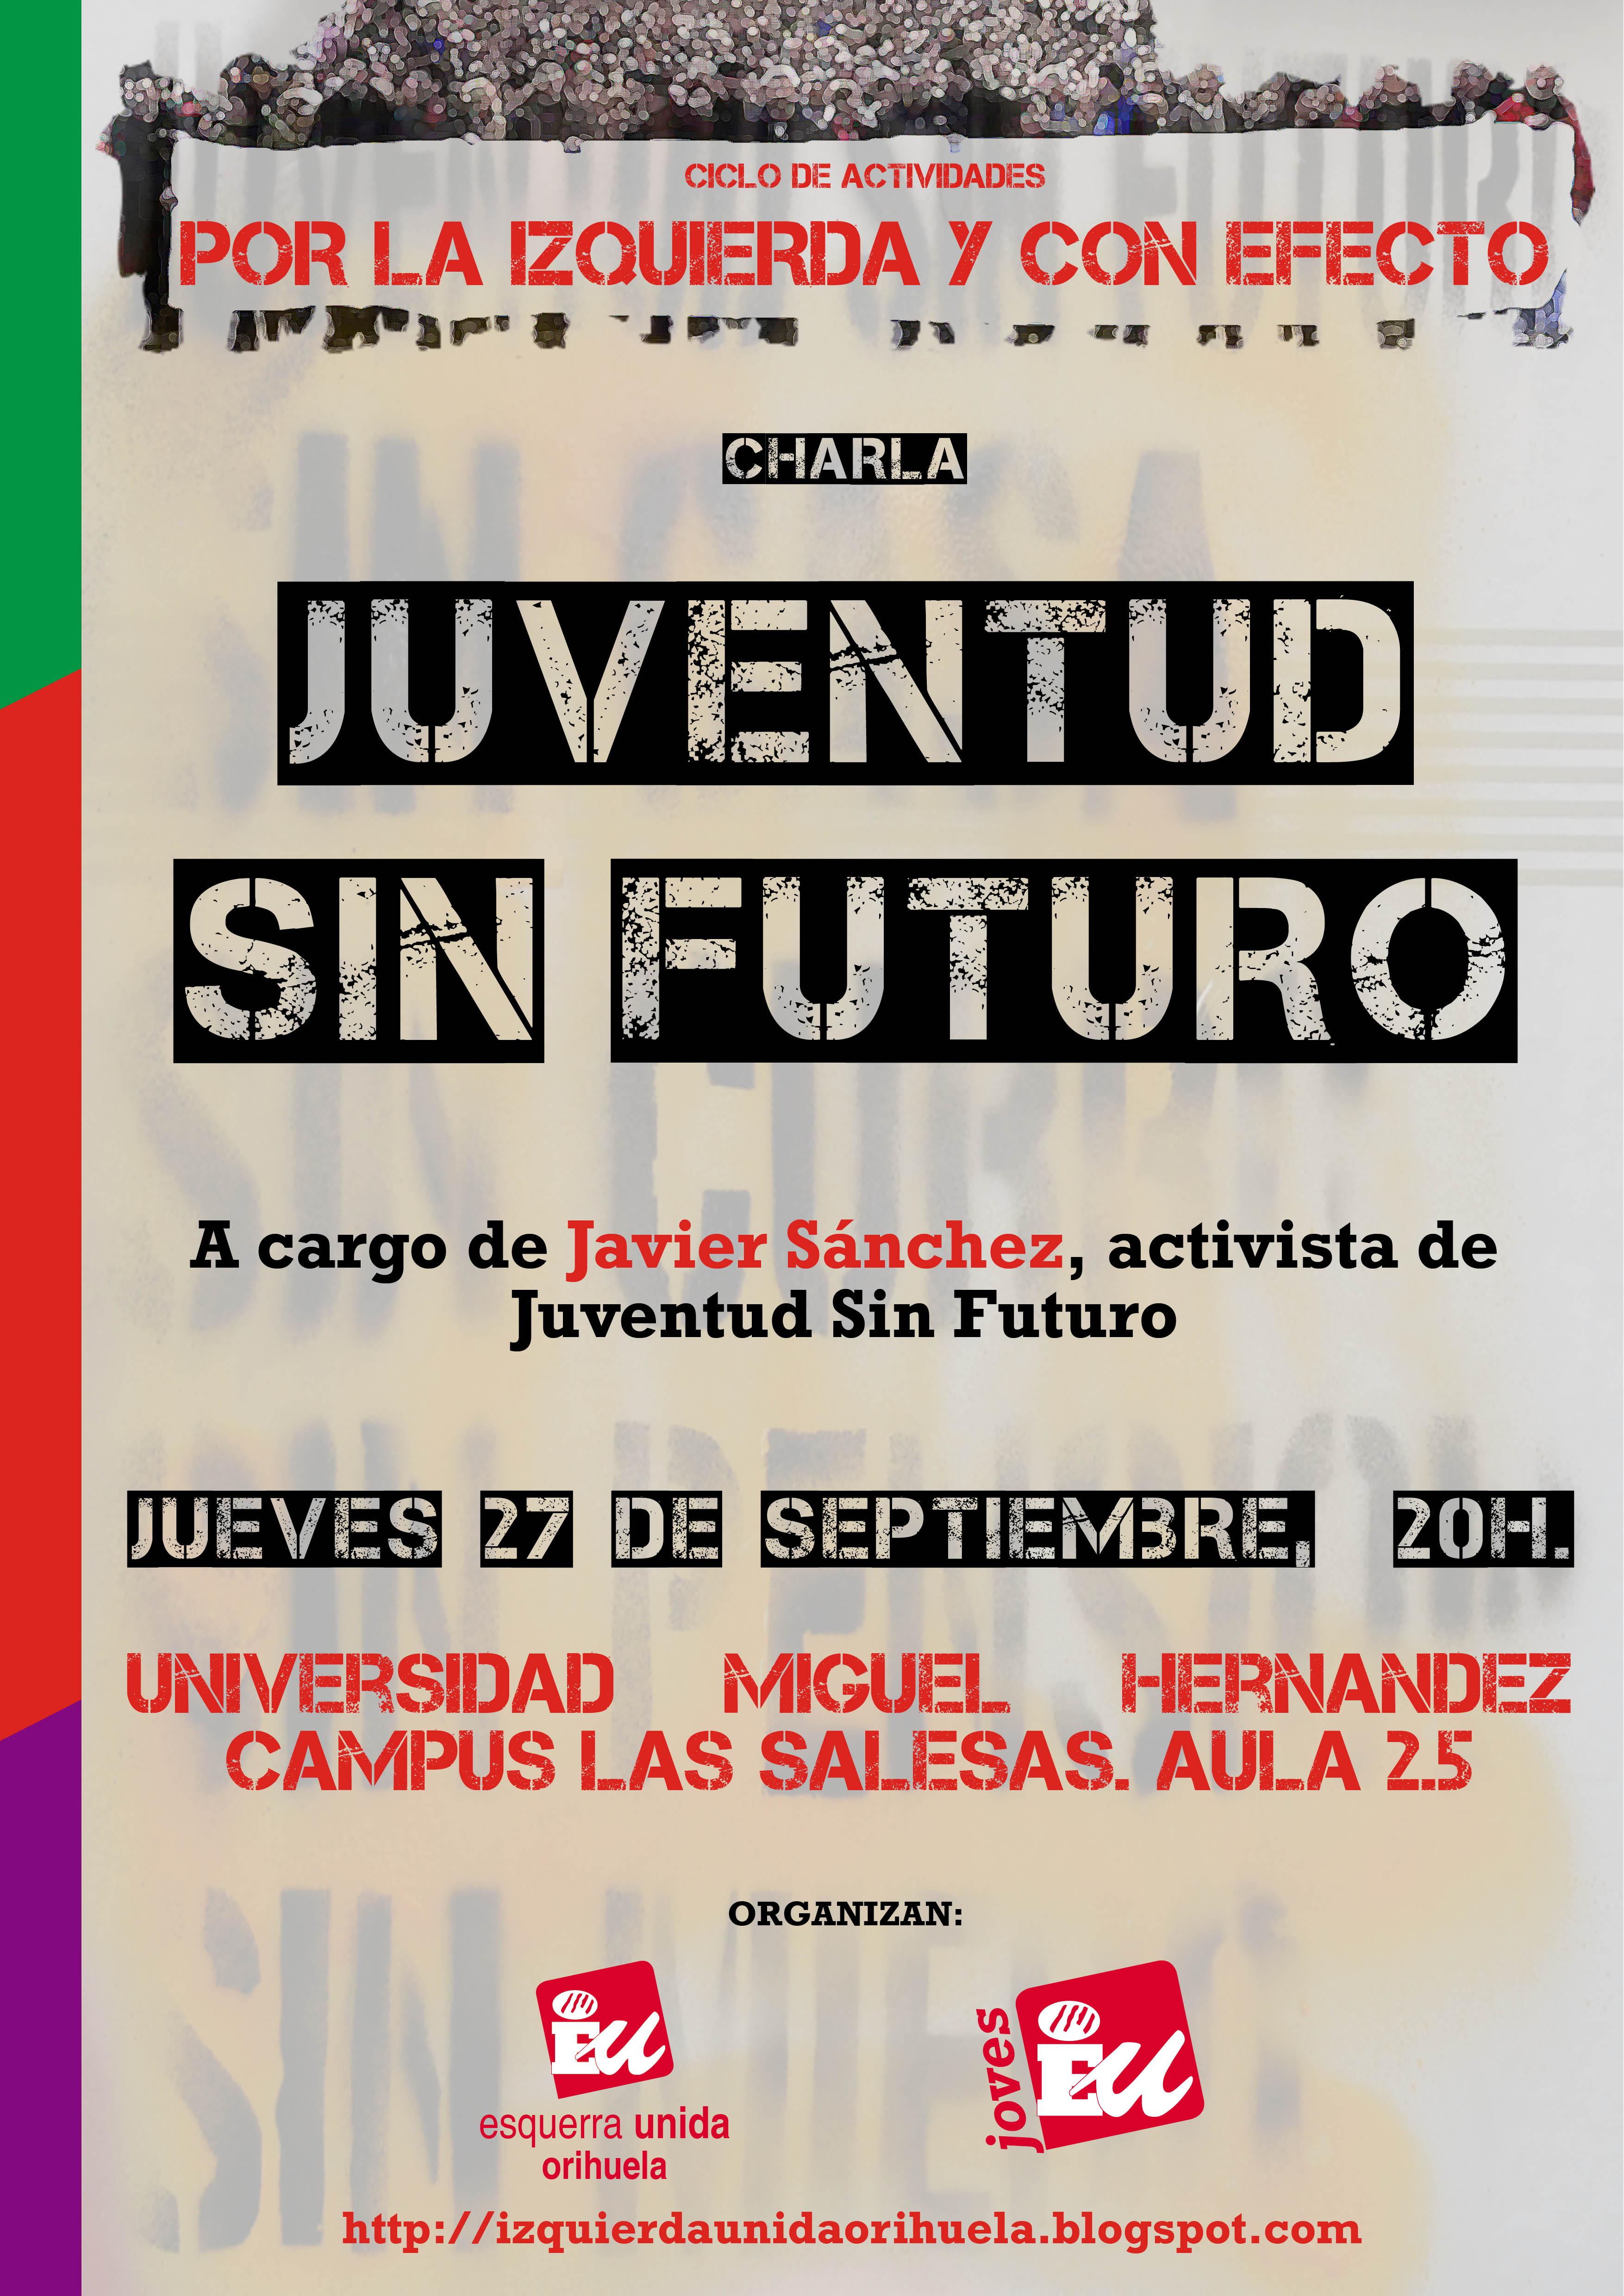 IU organiza una charla sobre Juventud Sin Futuro